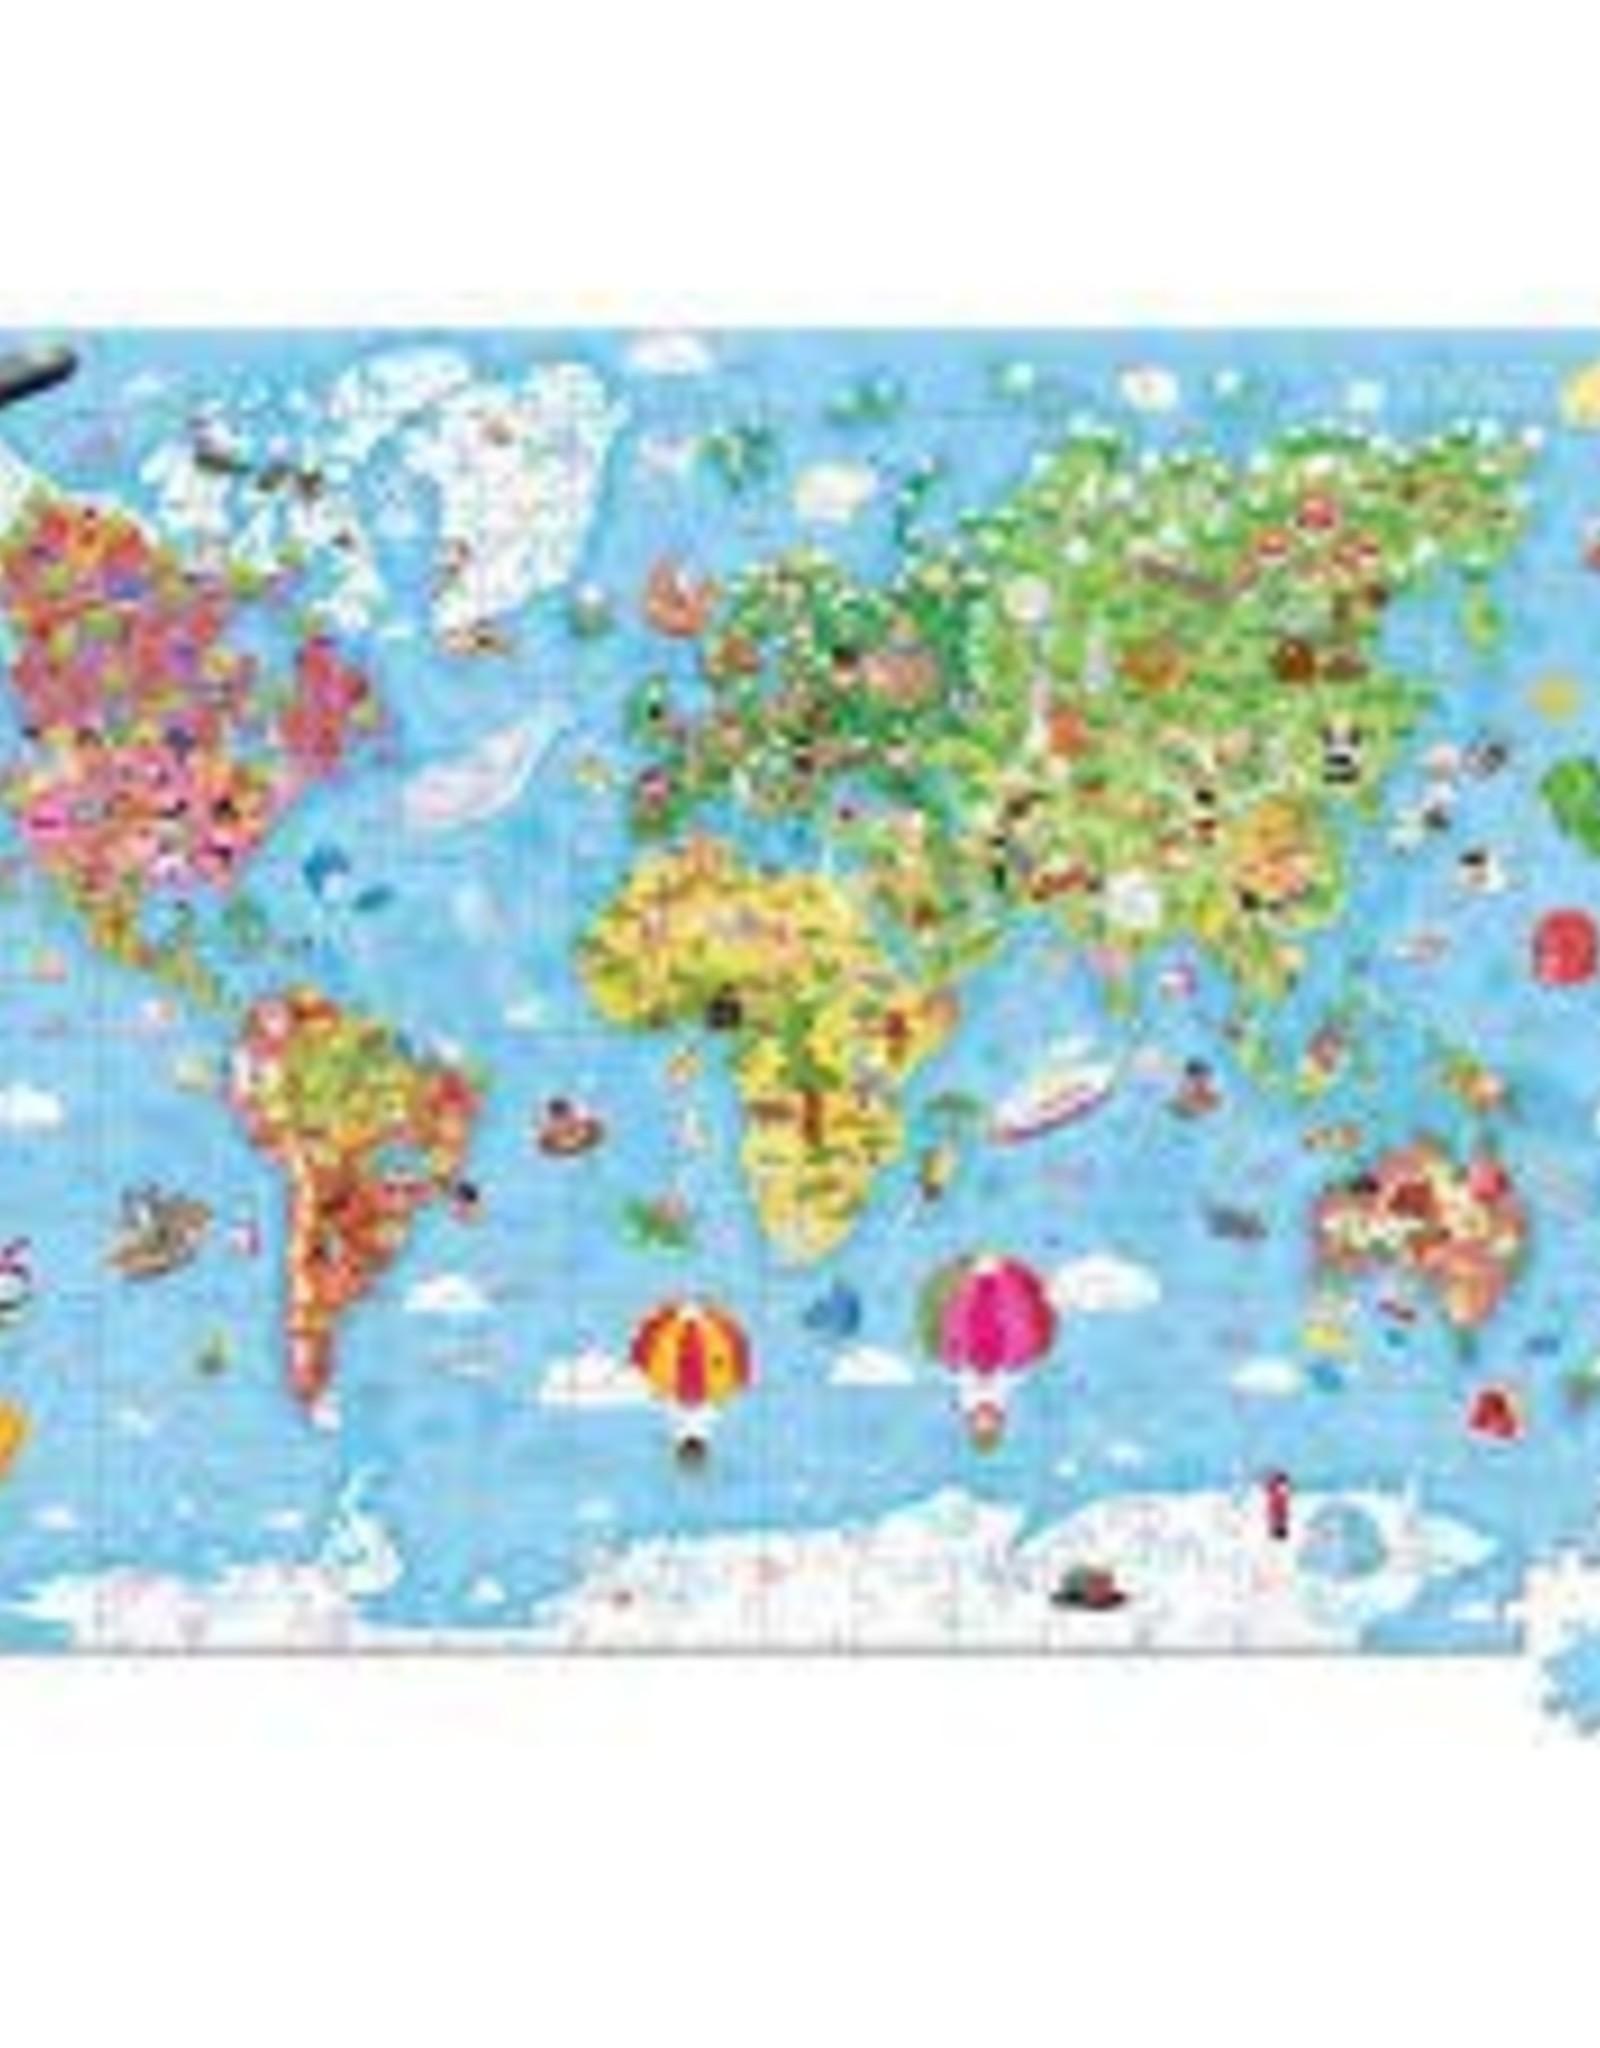 JANOD JURATOYS HAT BOXED 300 PCS GIANT PUZZLE WORLD MAP